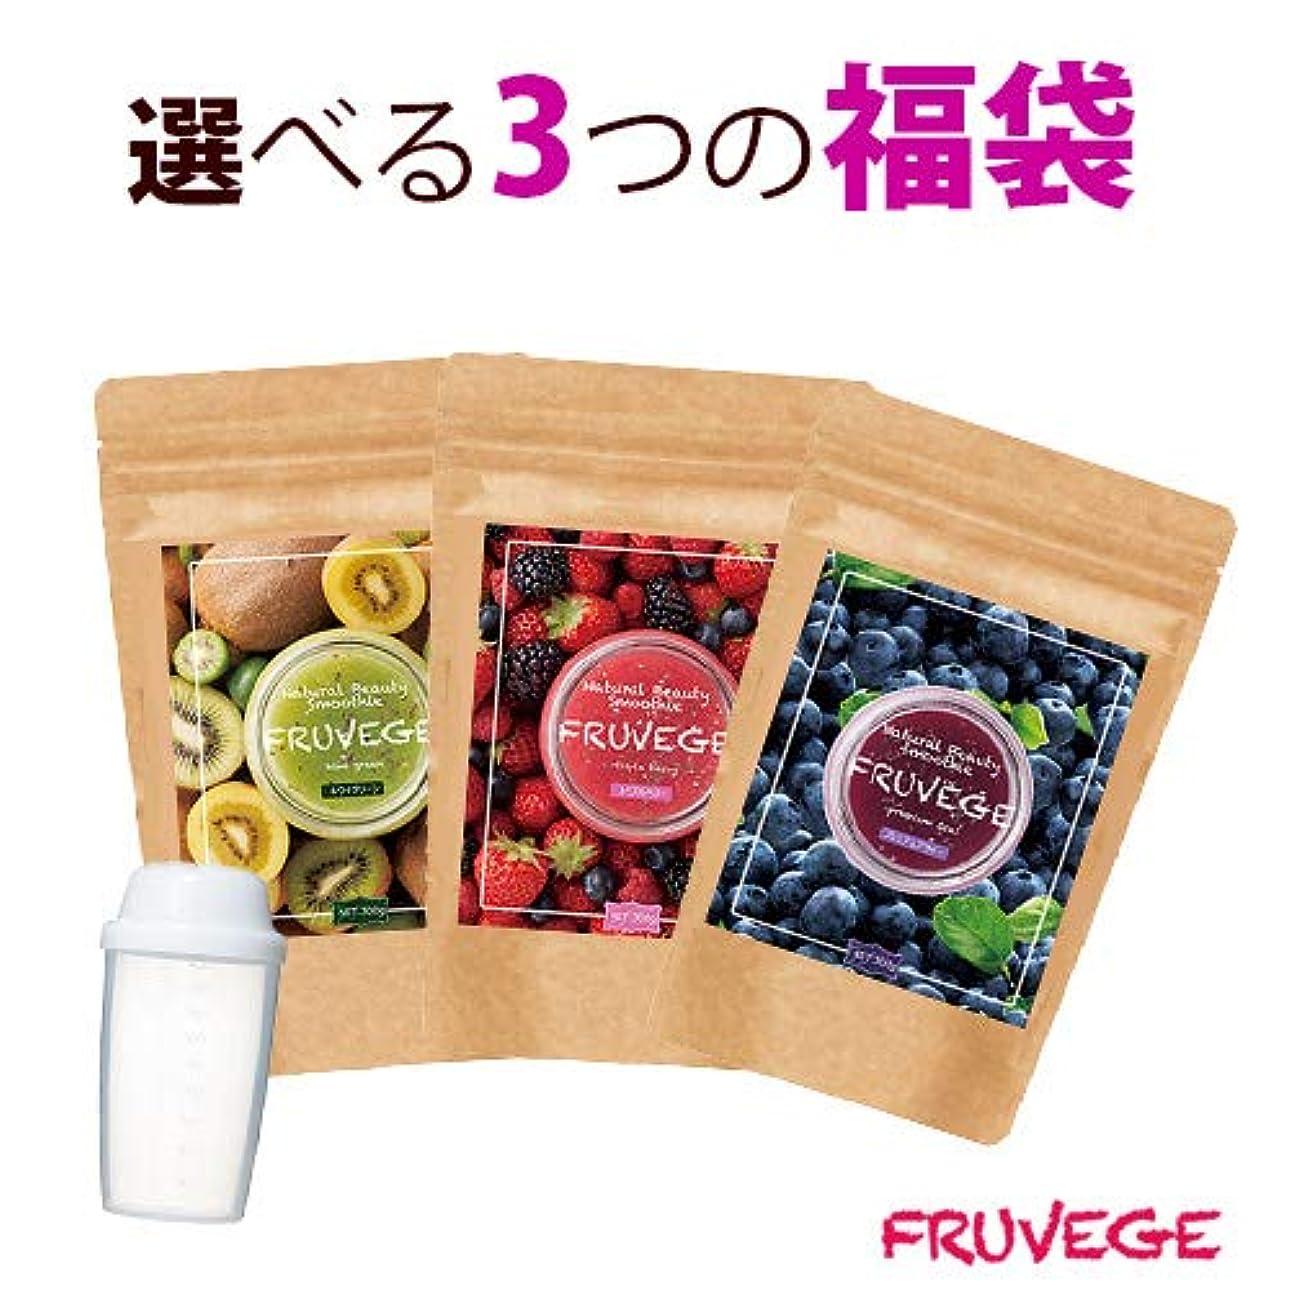 レール時計回りレンダー[チアシード×スムージー (Aセット)]3袋+プレゼント (300g×3袋 約150杯分)福袋 フルベジ アサイー スーパーフード ダイエット 粉末